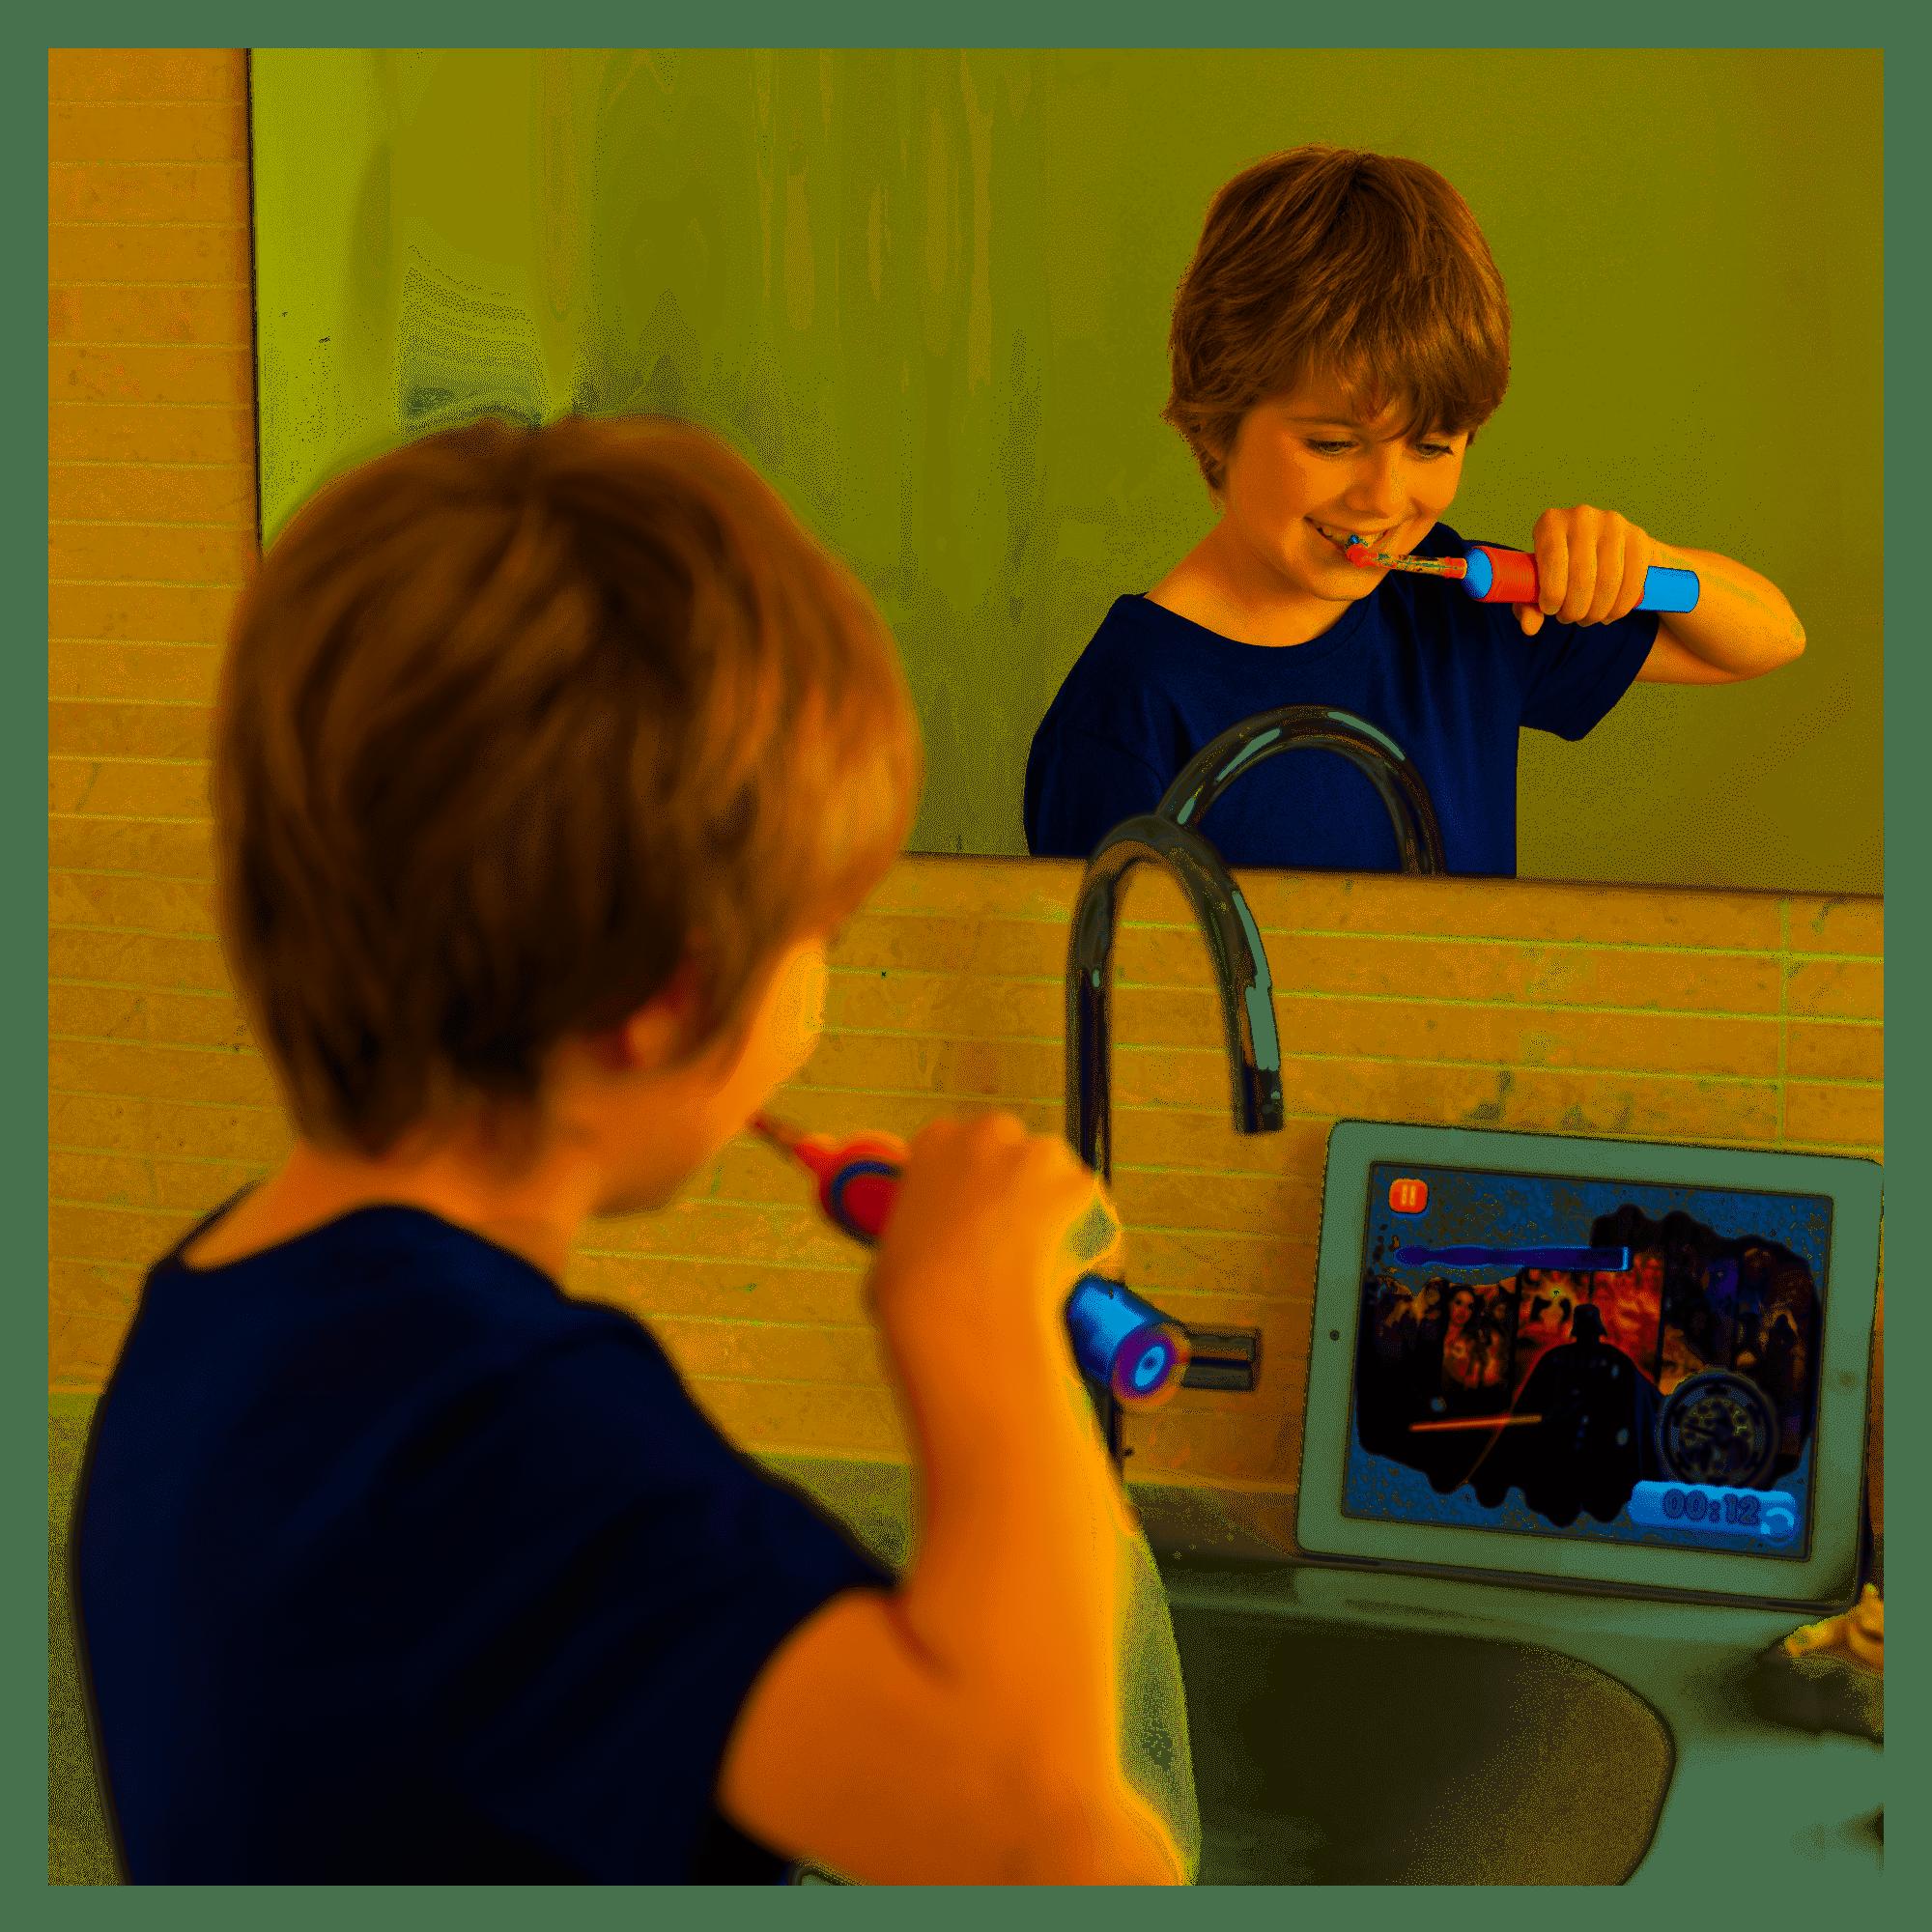 cuidar los dientes de los niños oral-b junior app disney magic timer